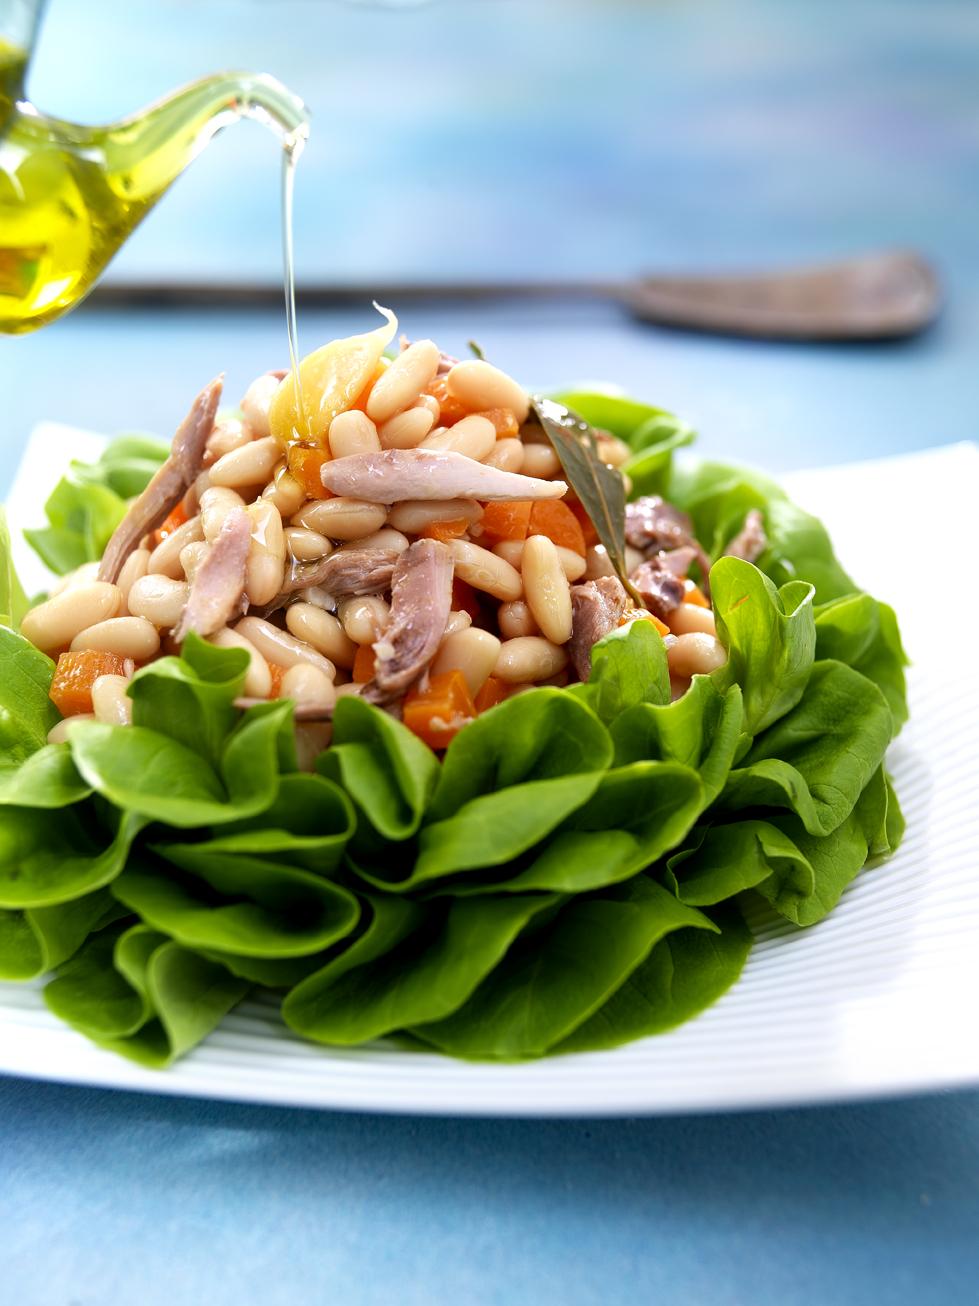 Ensalada de alubias y perdiz escabechada cocinar con for Como cocinar alubias blancas